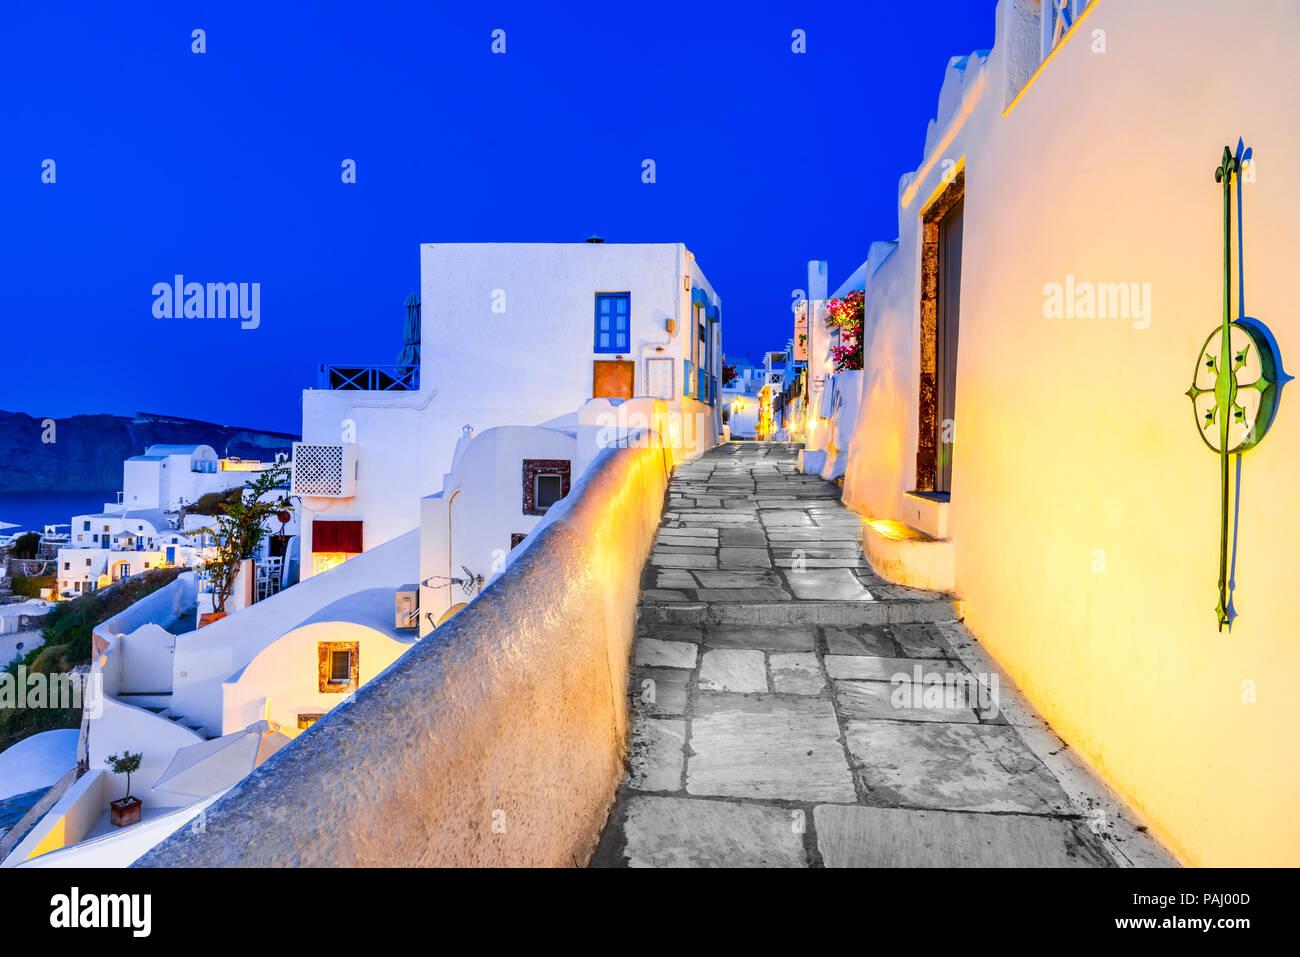 Santorin, Grèce. Crépuscule vue incroyable d'Oia, à partir de la ville de Thira, blanchis, les îles grecques. Destination de vacances Europe. Photo Stock